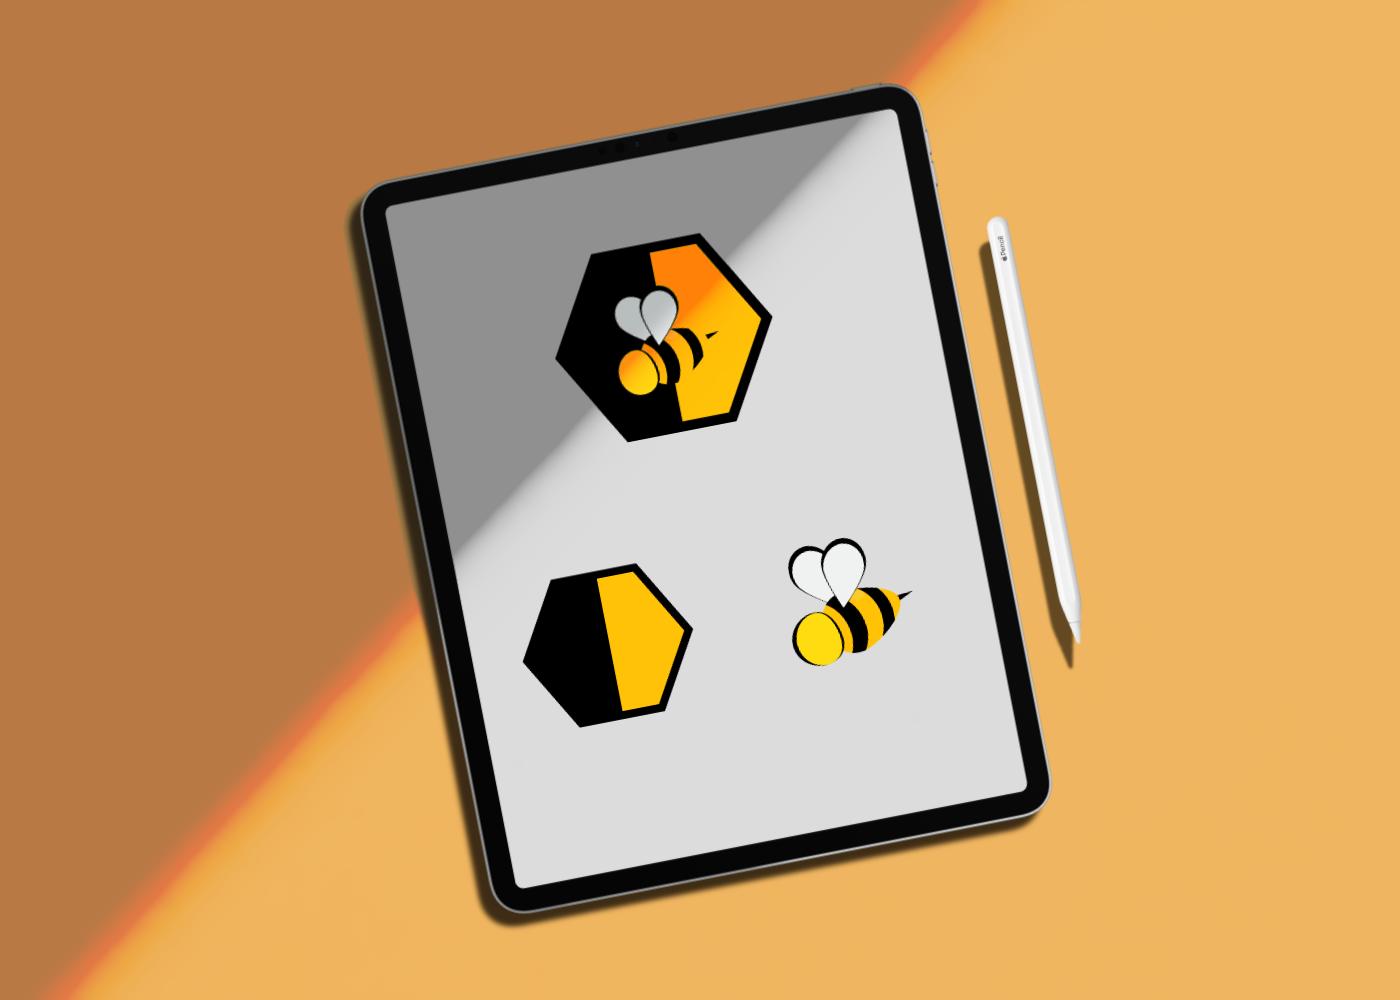 Ipod Mockup Logo Elemente Componente